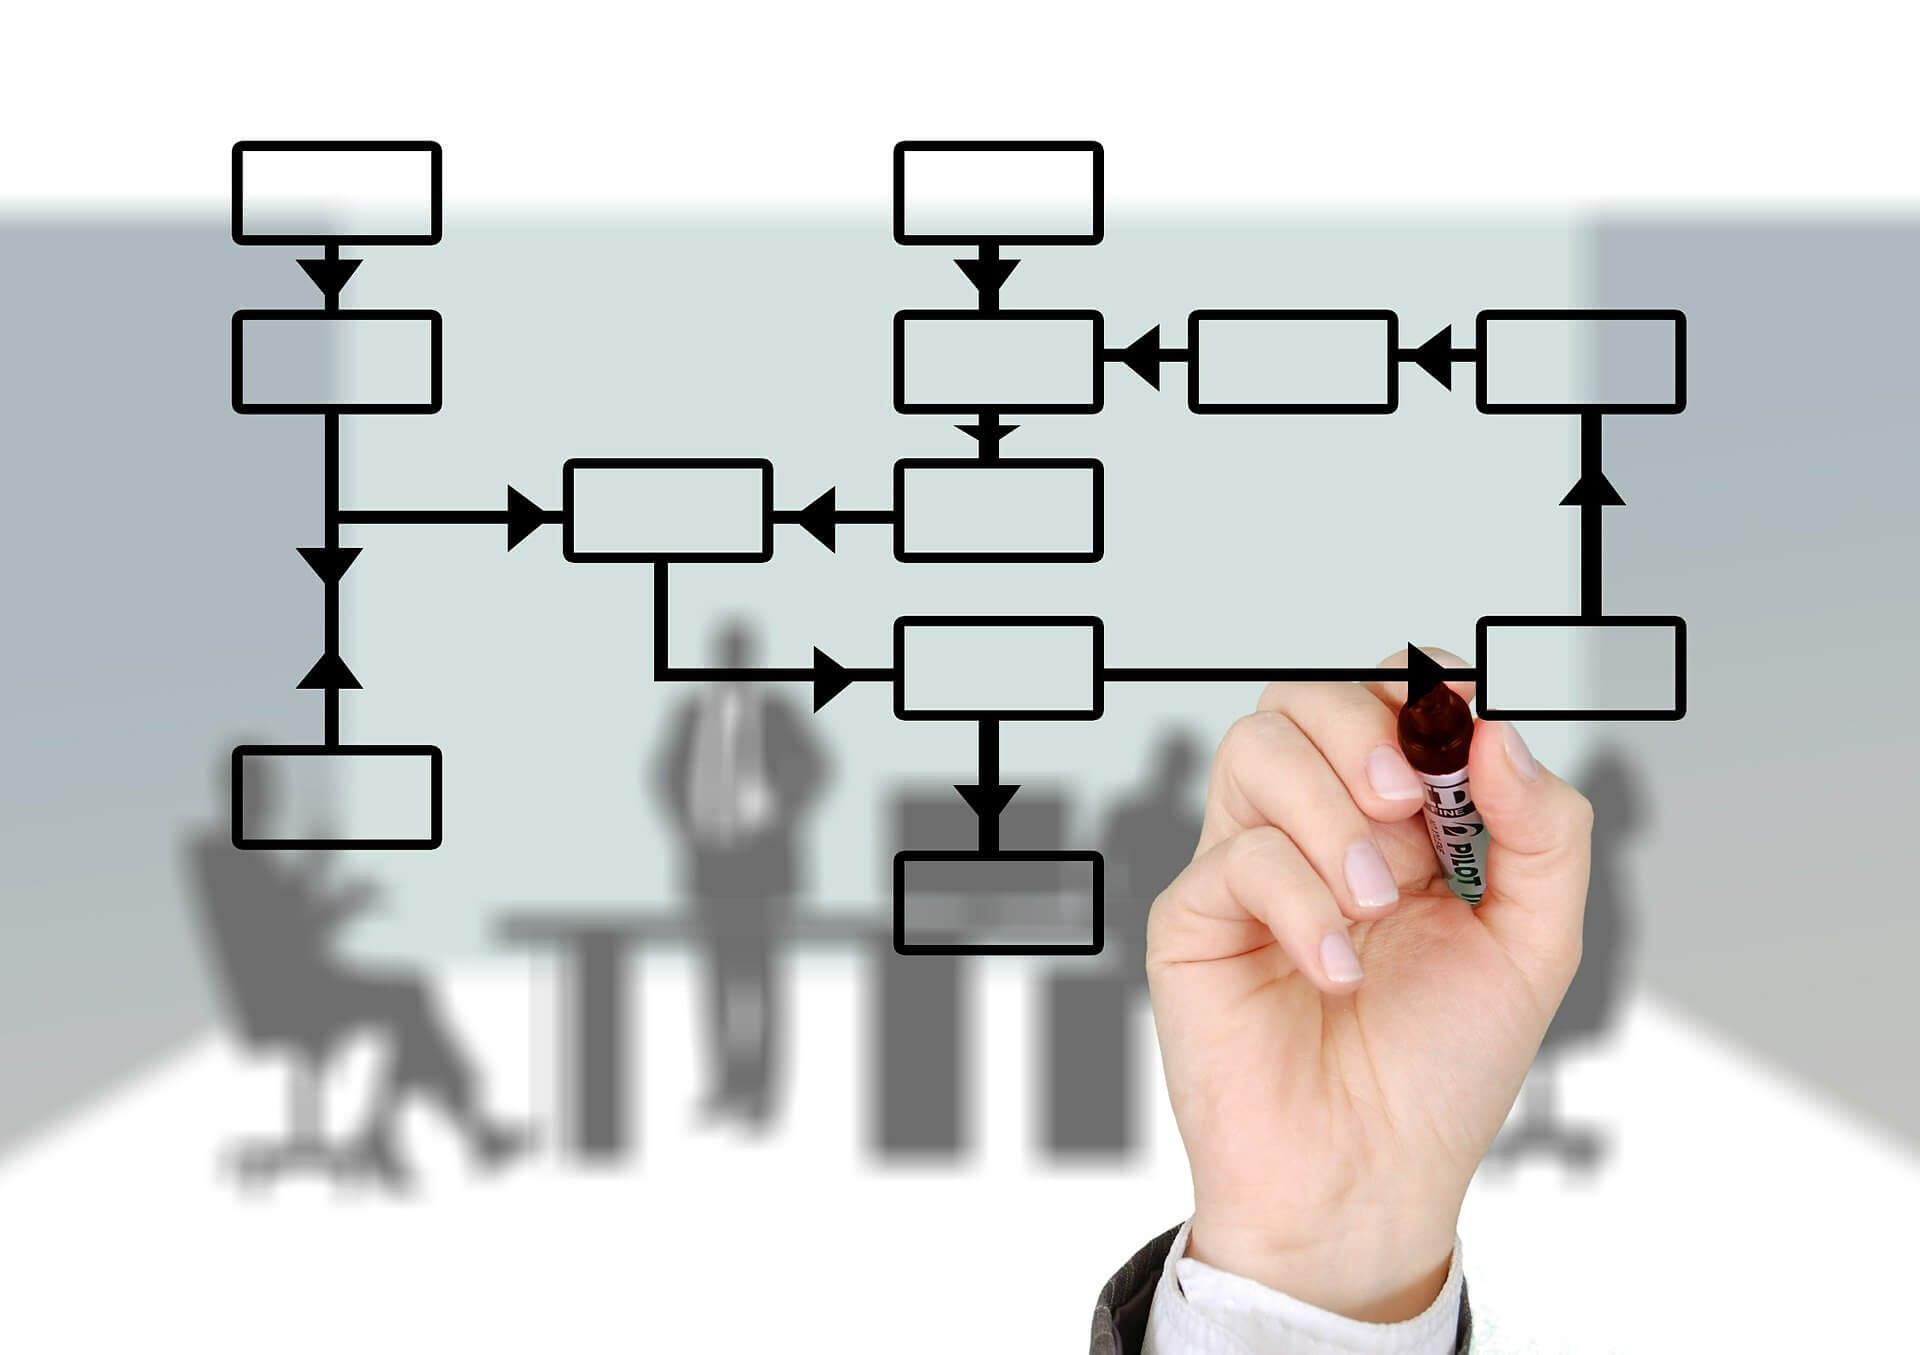 תכנון שיפוץ - עושים סדר בעבודה